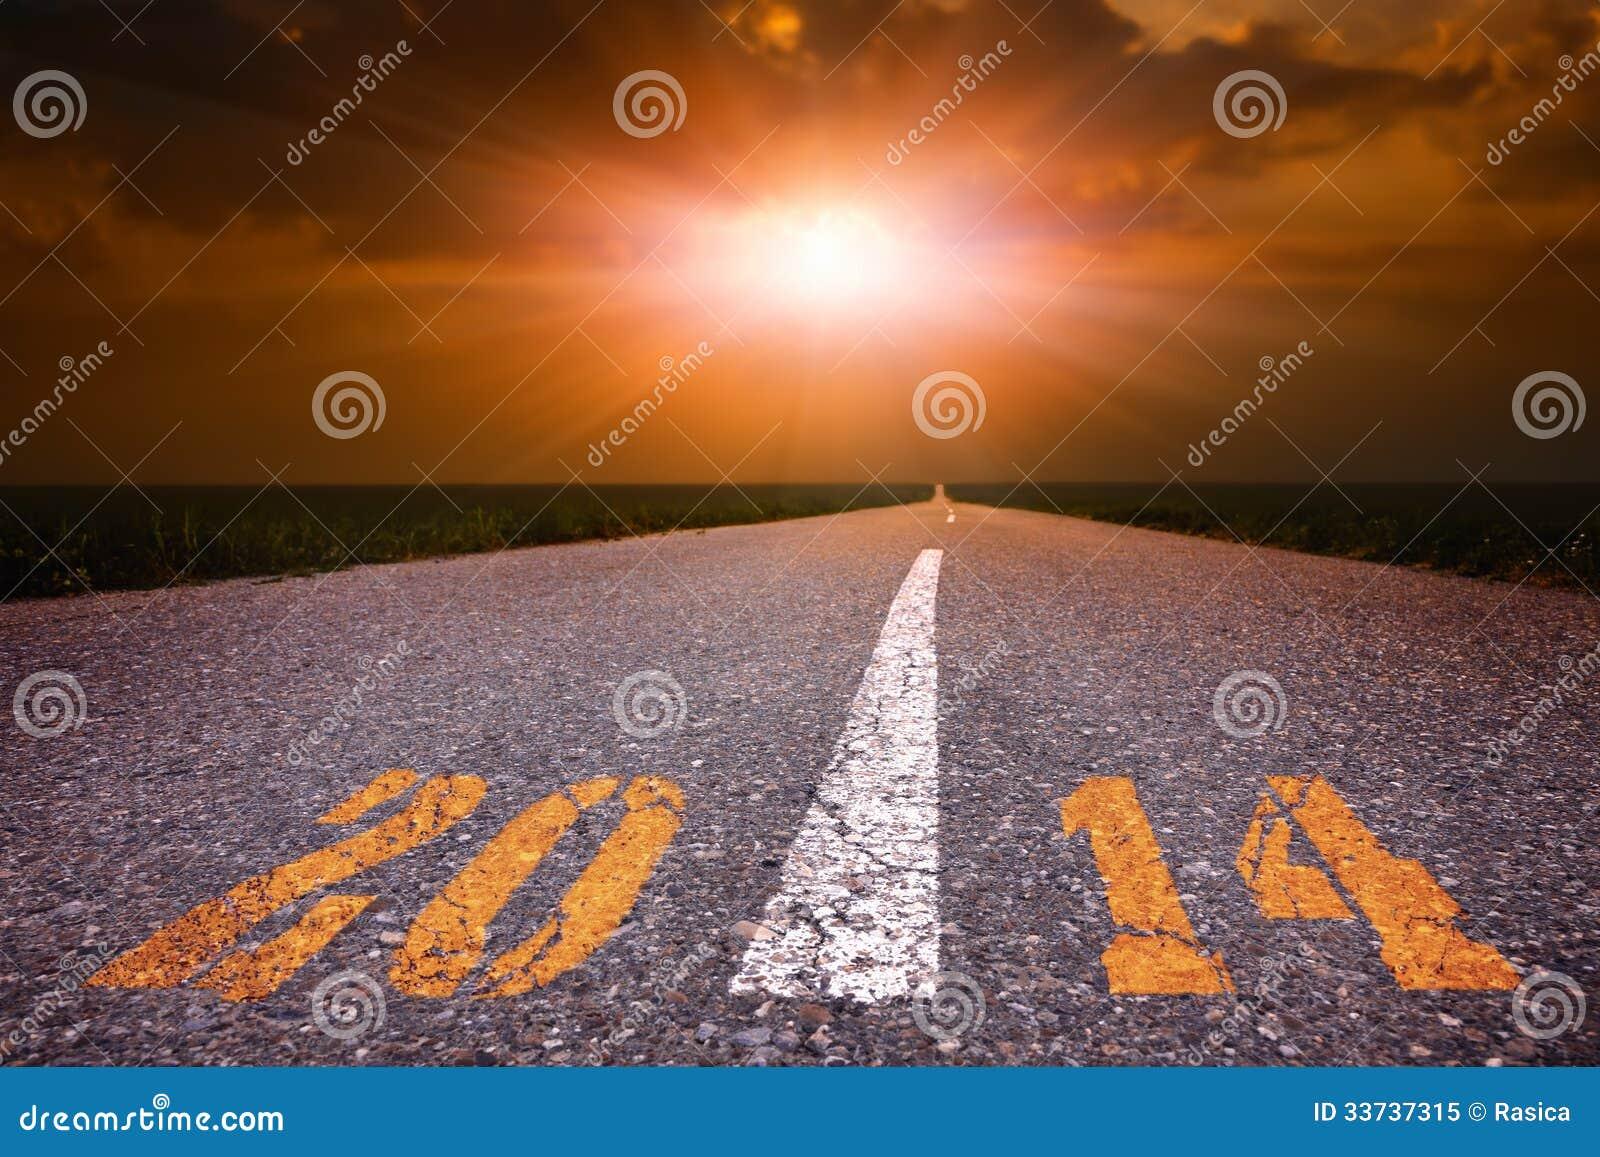 Jechać na pustej drodze w kierunku położenia słońca 2014